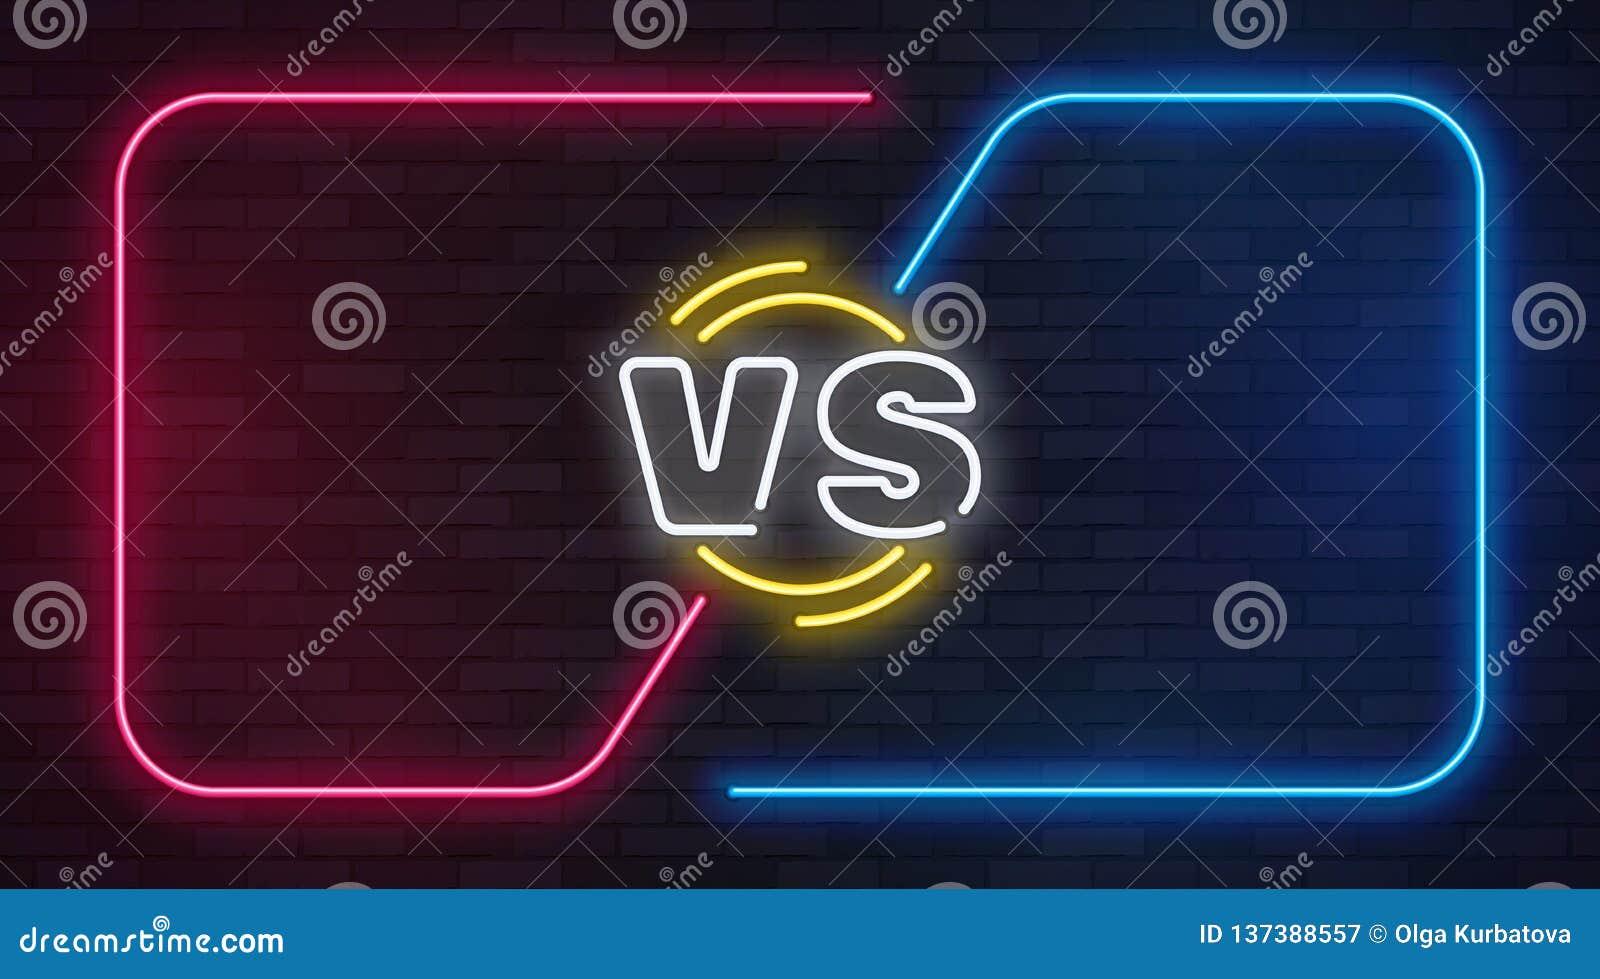 Vs neonowy Versus batalistyczny gemowy sztandar z neonowym opróżnia ramy Bokserskiego dopasowania pojedynek, odżużlać turniejową